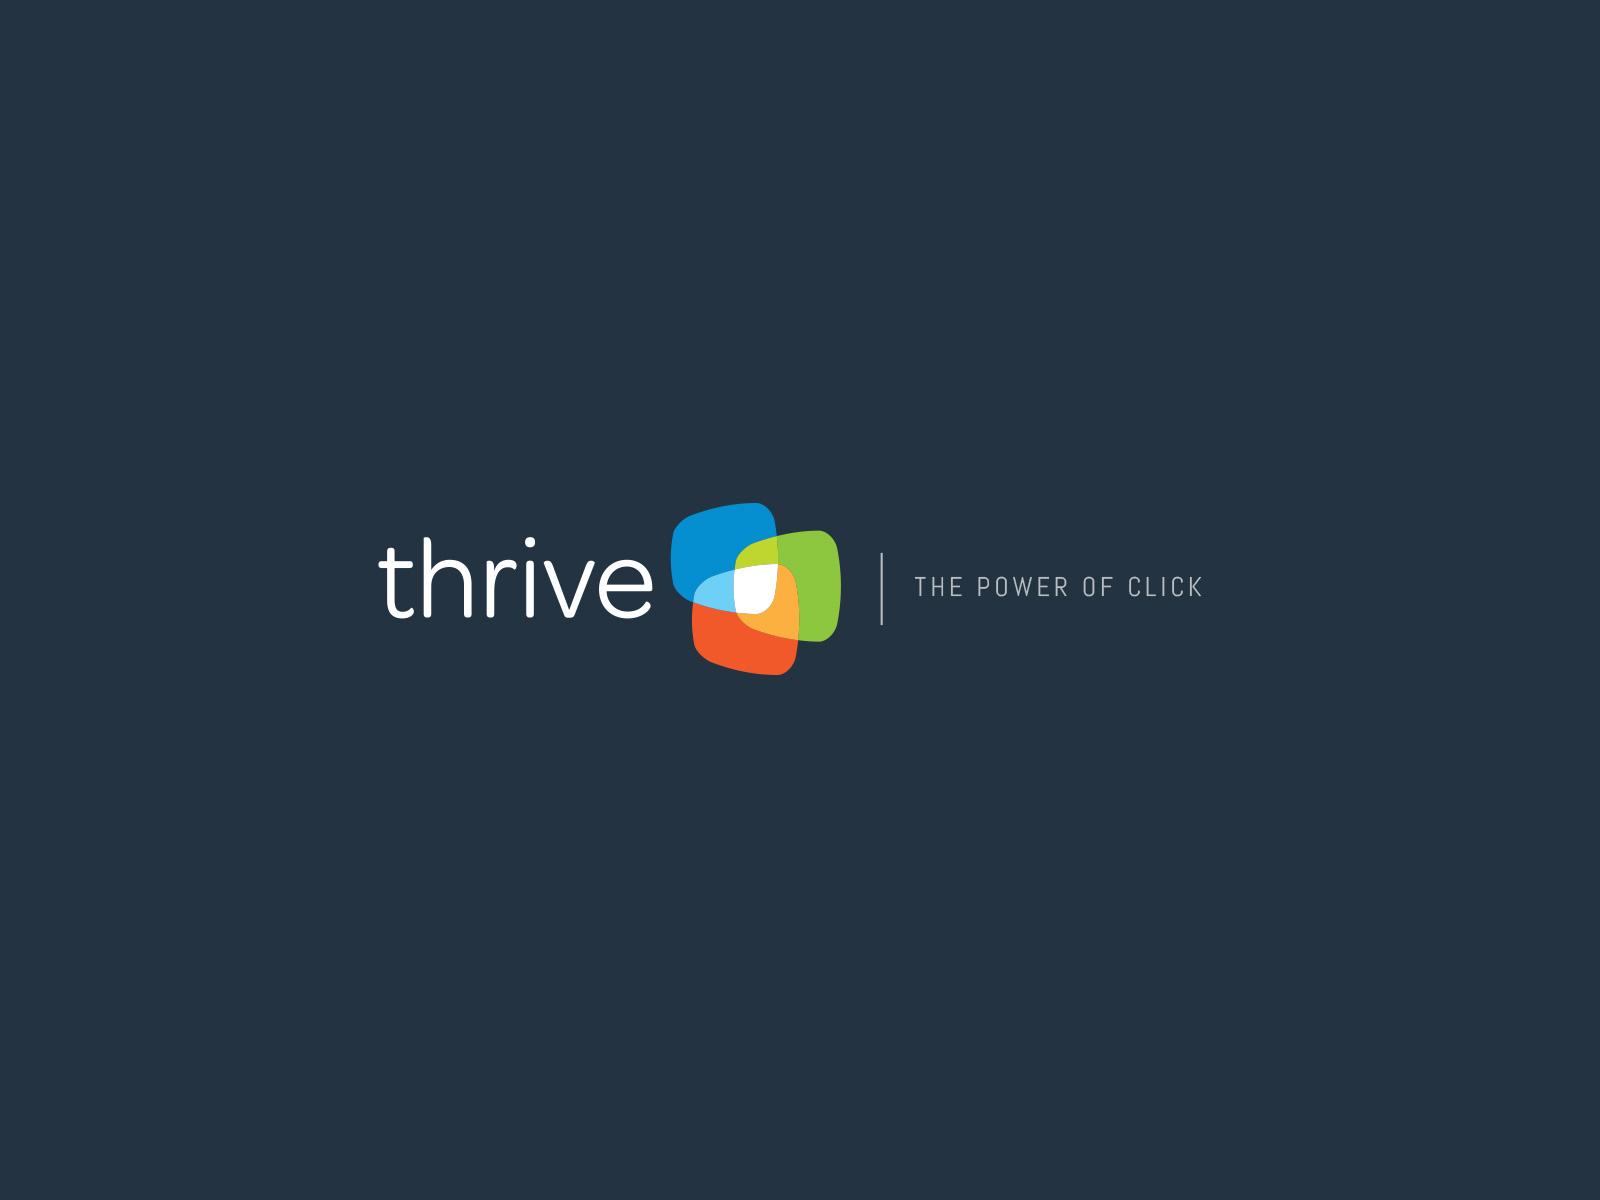 Thrive sa logo design 2